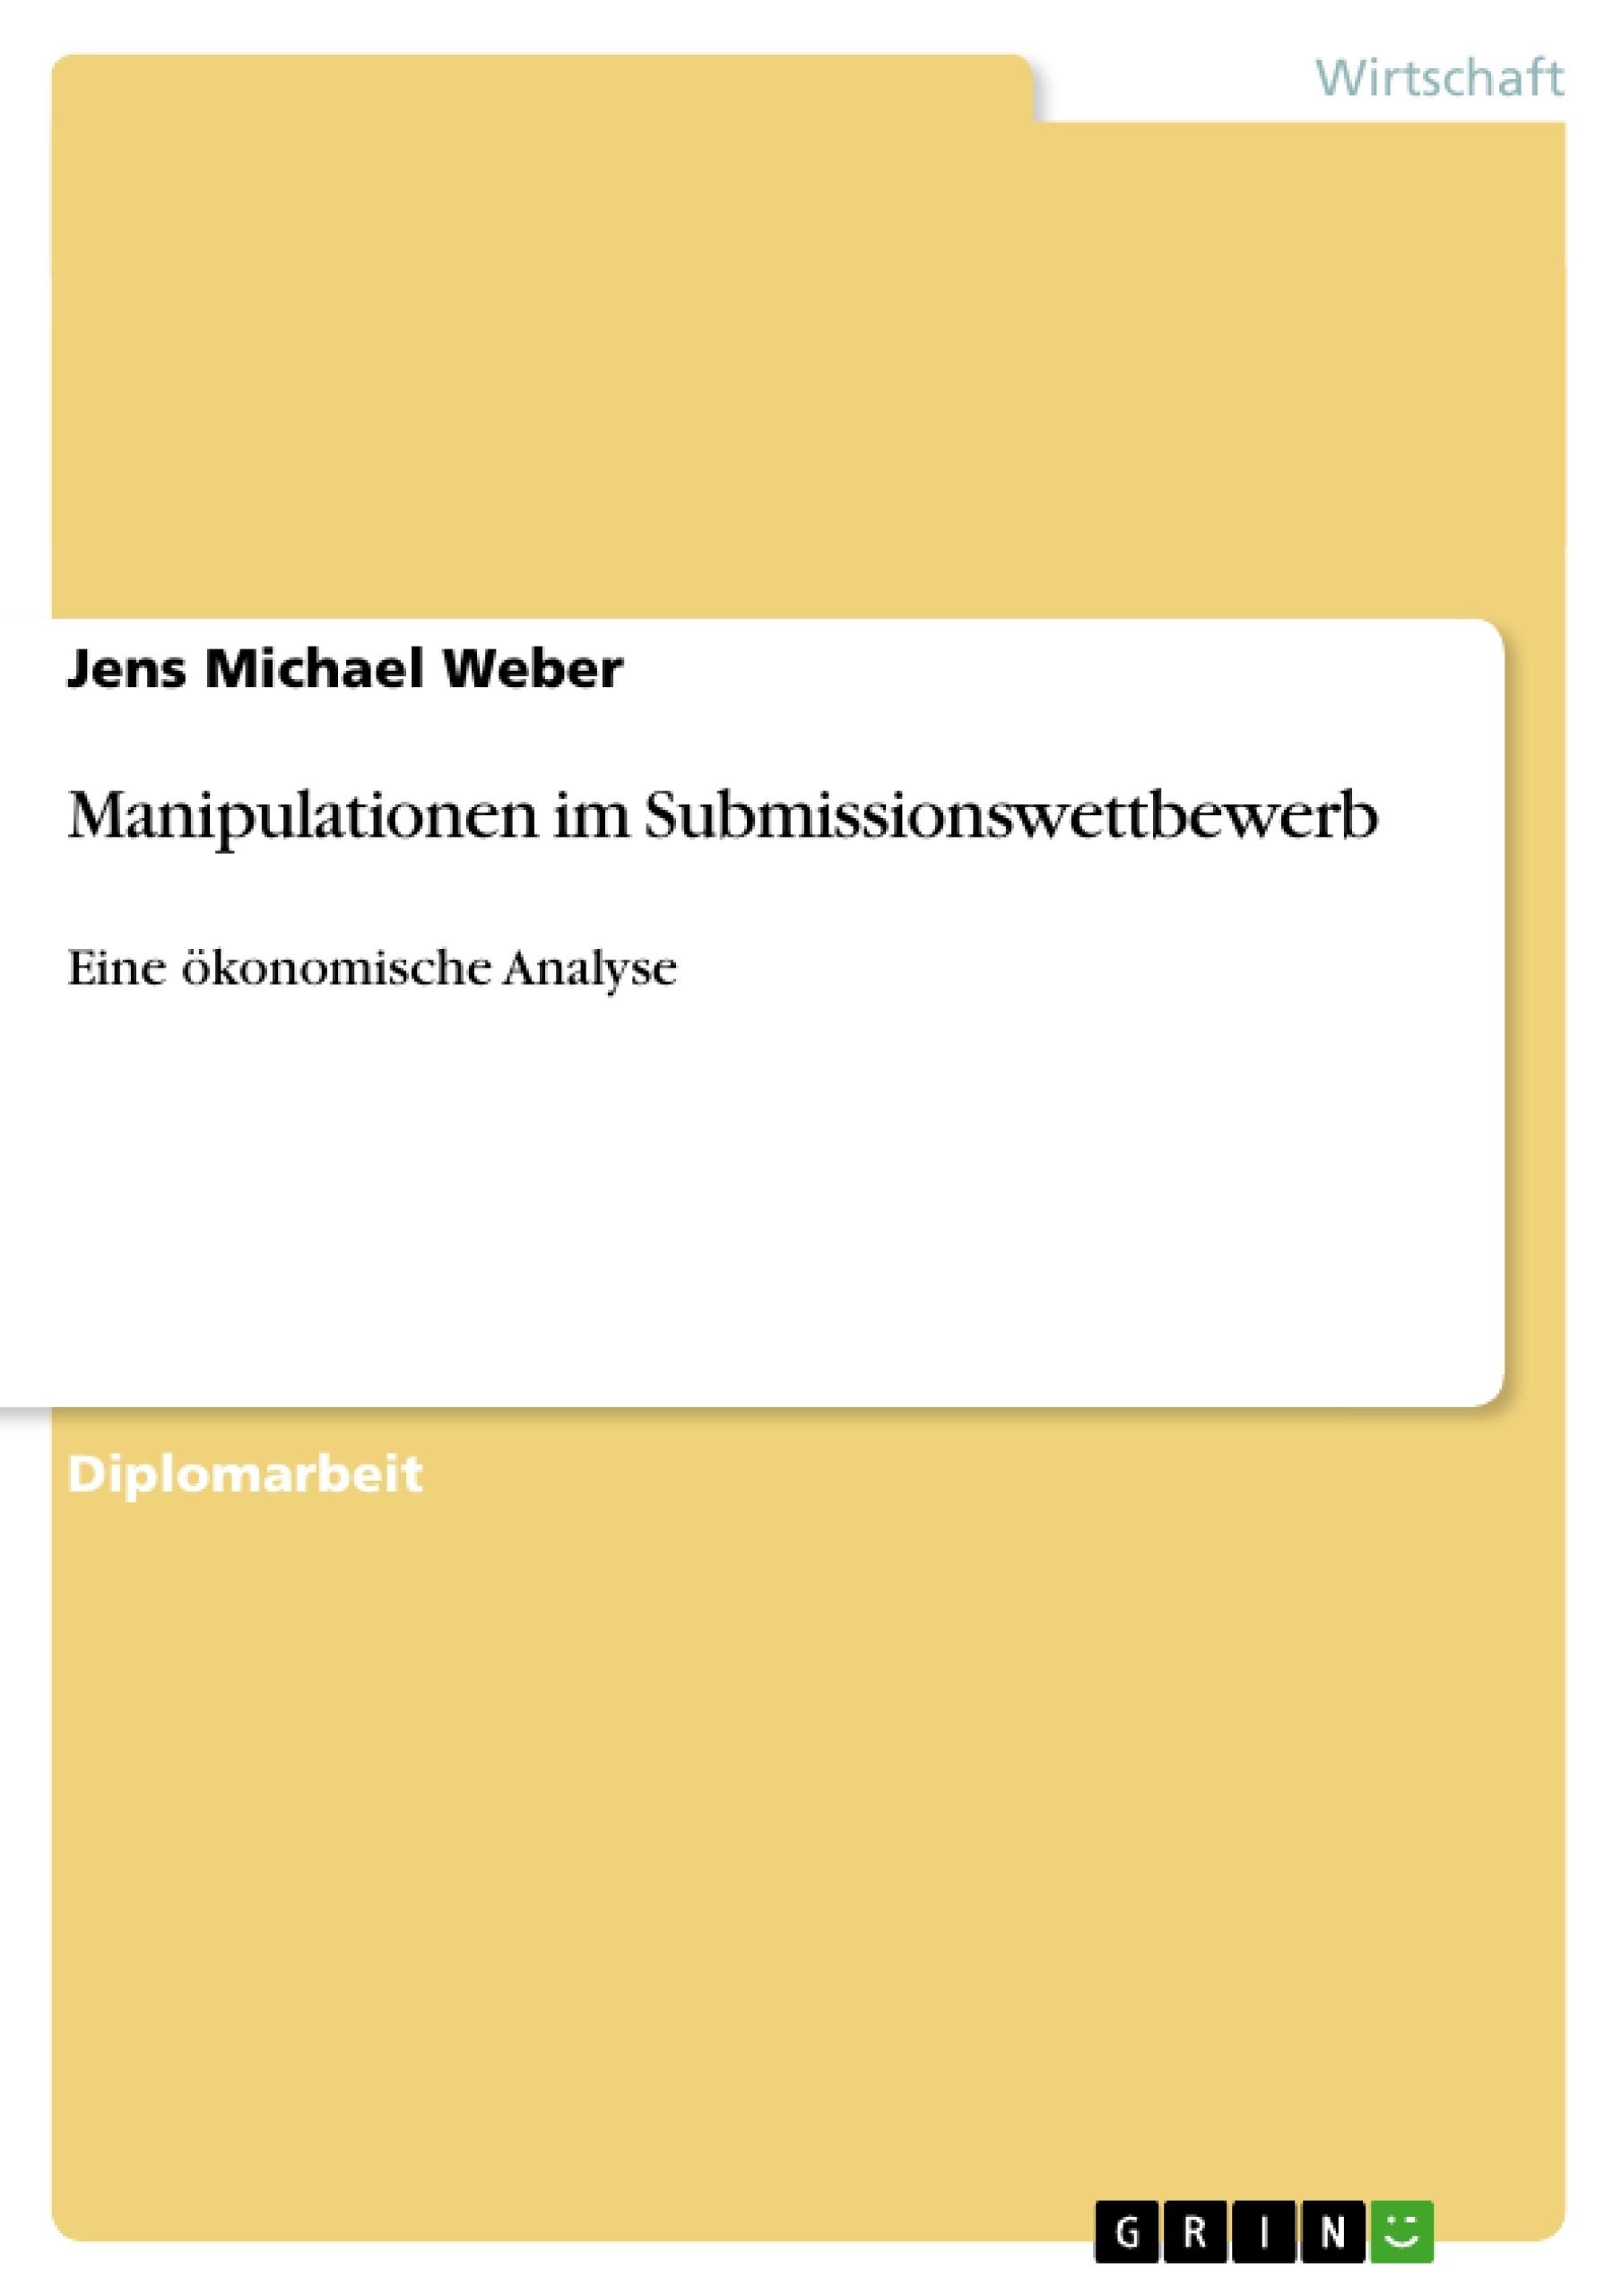 Manipulationen im Submissionswettbewerb | Masterarbeit, Hausarbeit ...